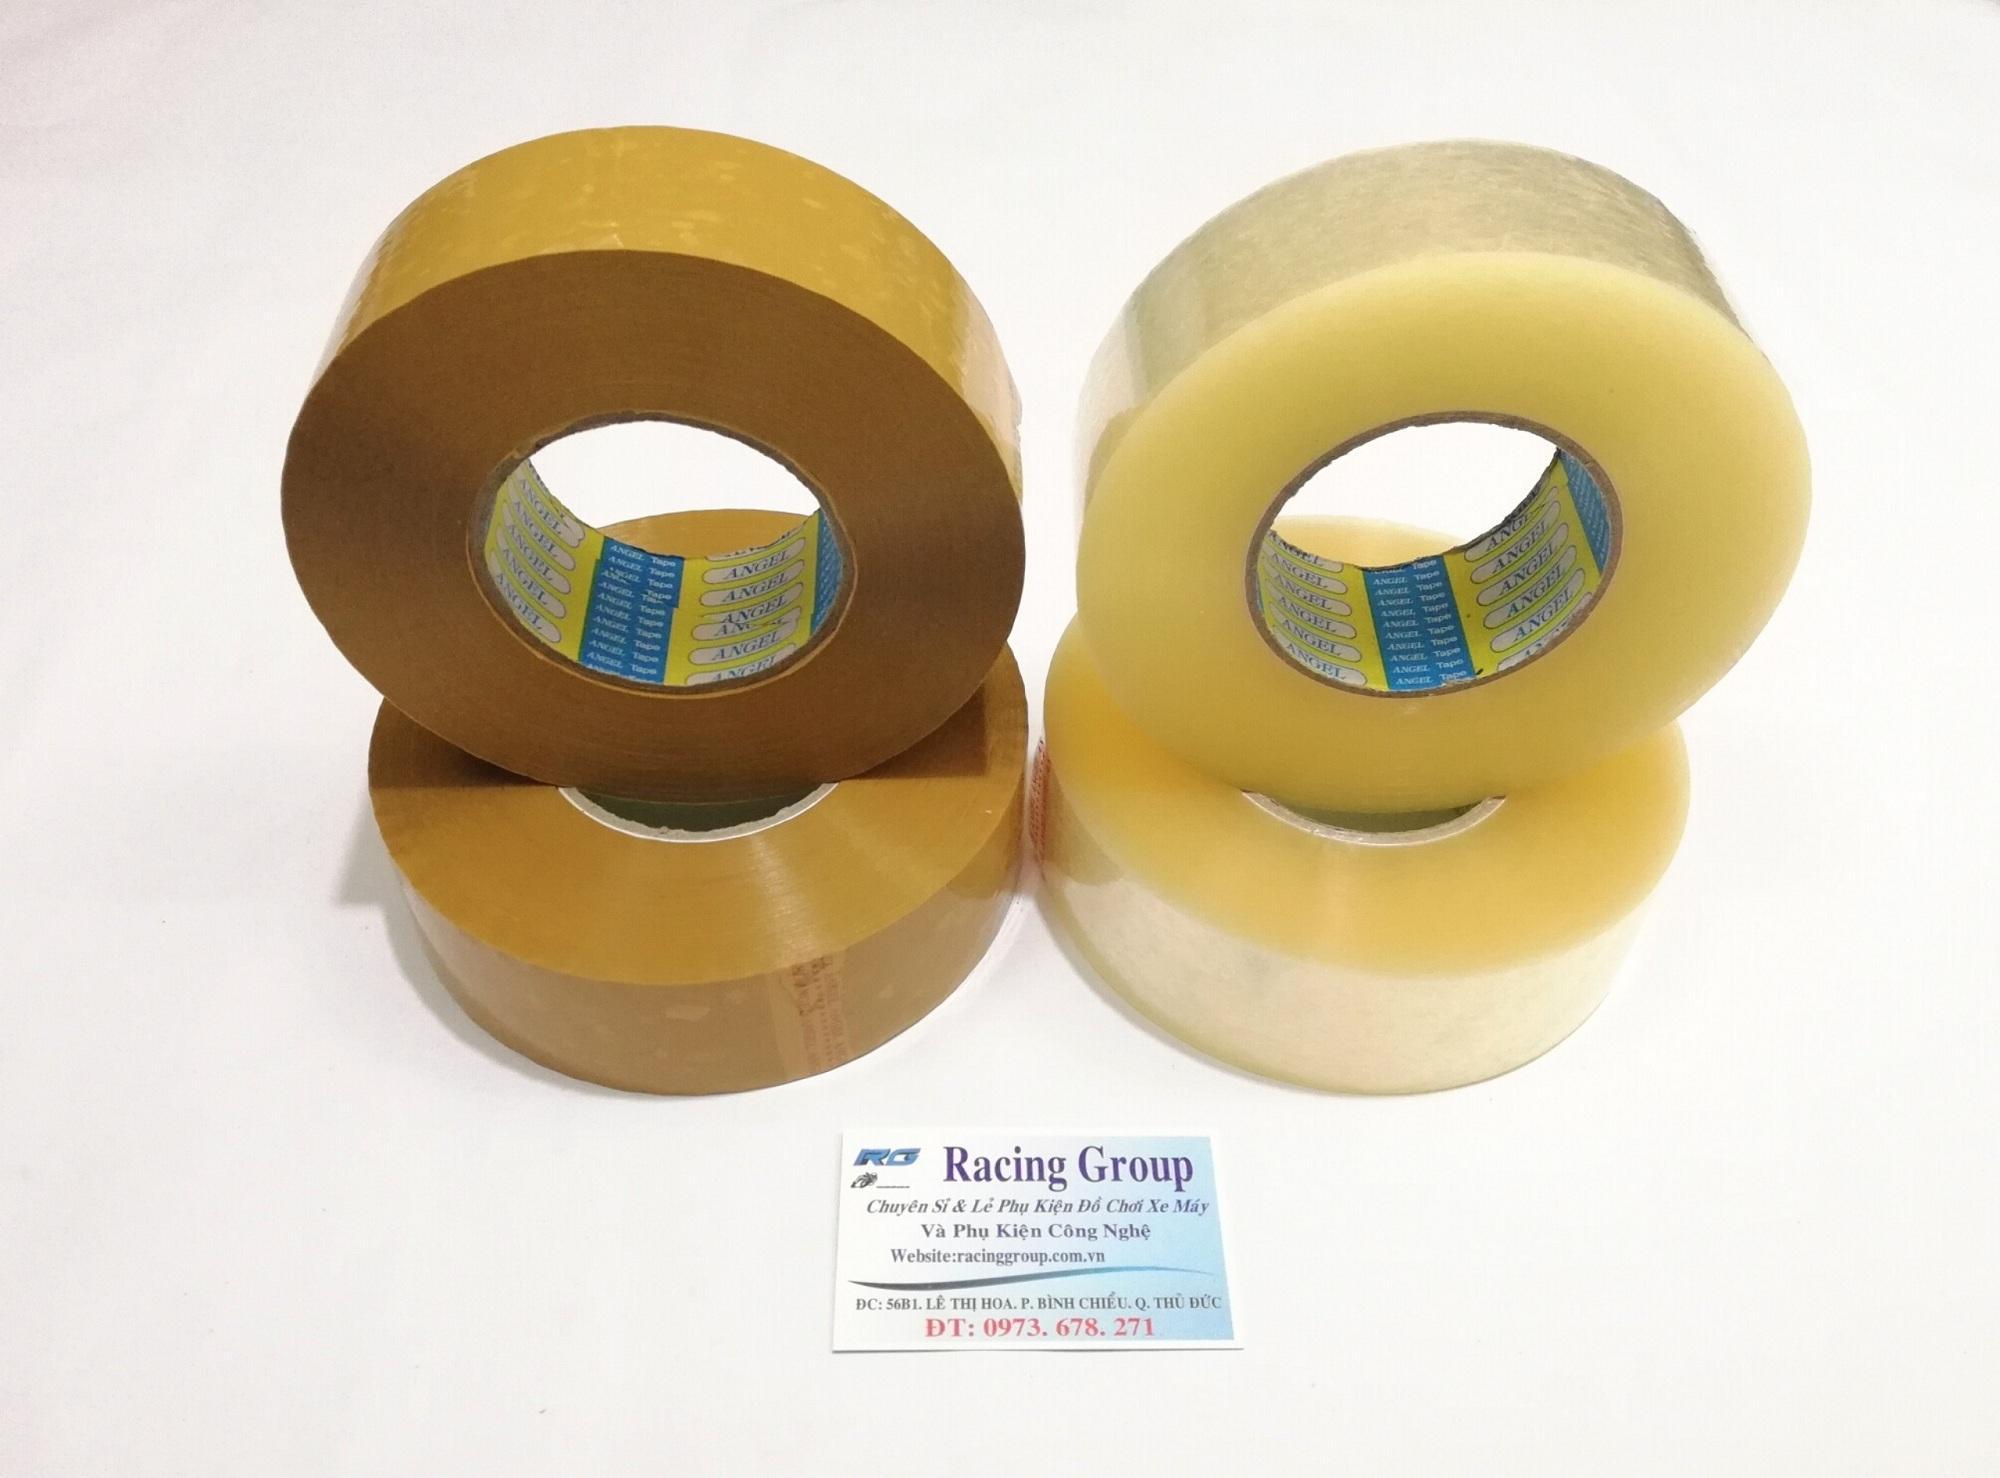 Mua Băng Keo Vàng Đục Đóng Hàng 400Y/375M